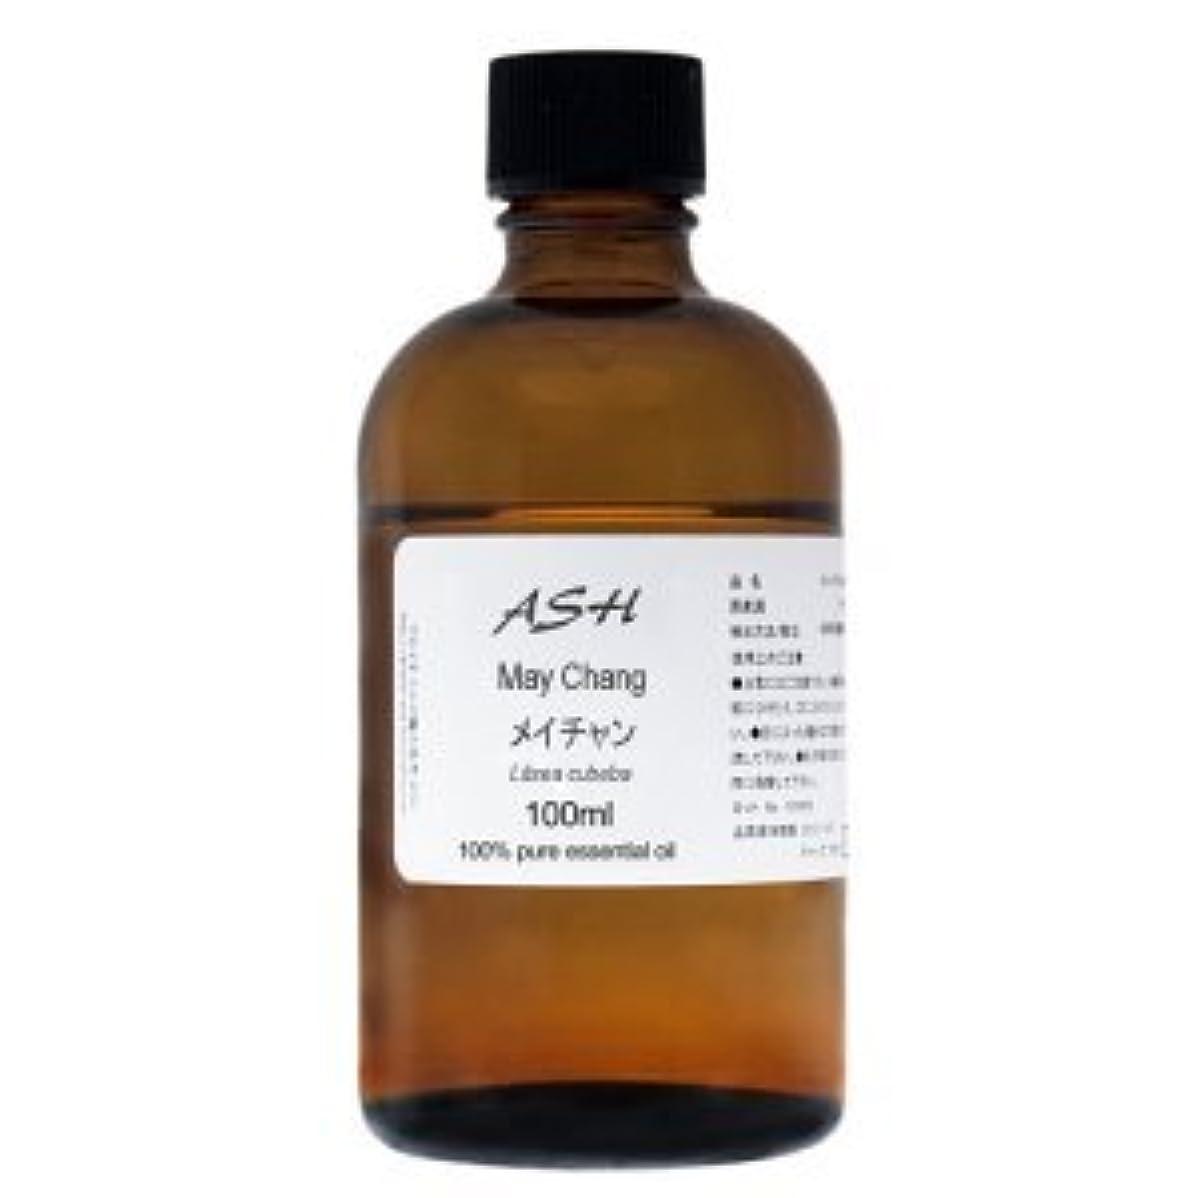 のどブルジョン軍ASH メイチャン エッセンシャルオイル 100ml AEAJ表示基準適合認定精油